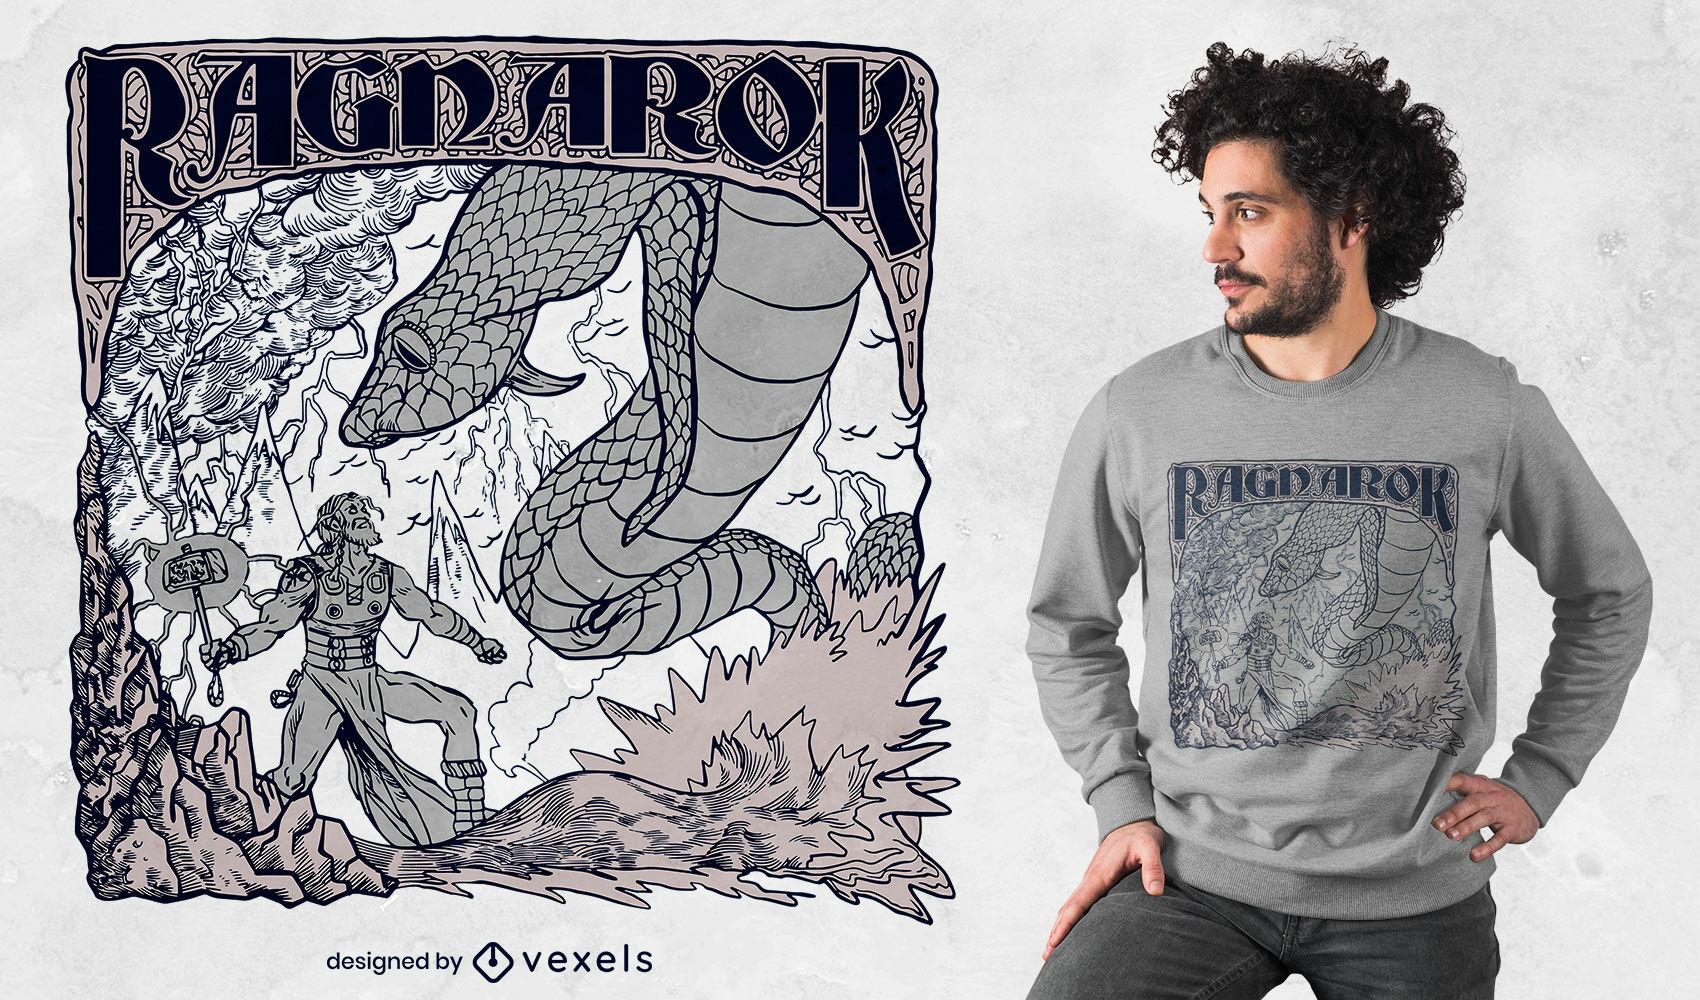 Ragnarok nordische Mythologie Schlacht T-Shirt Design